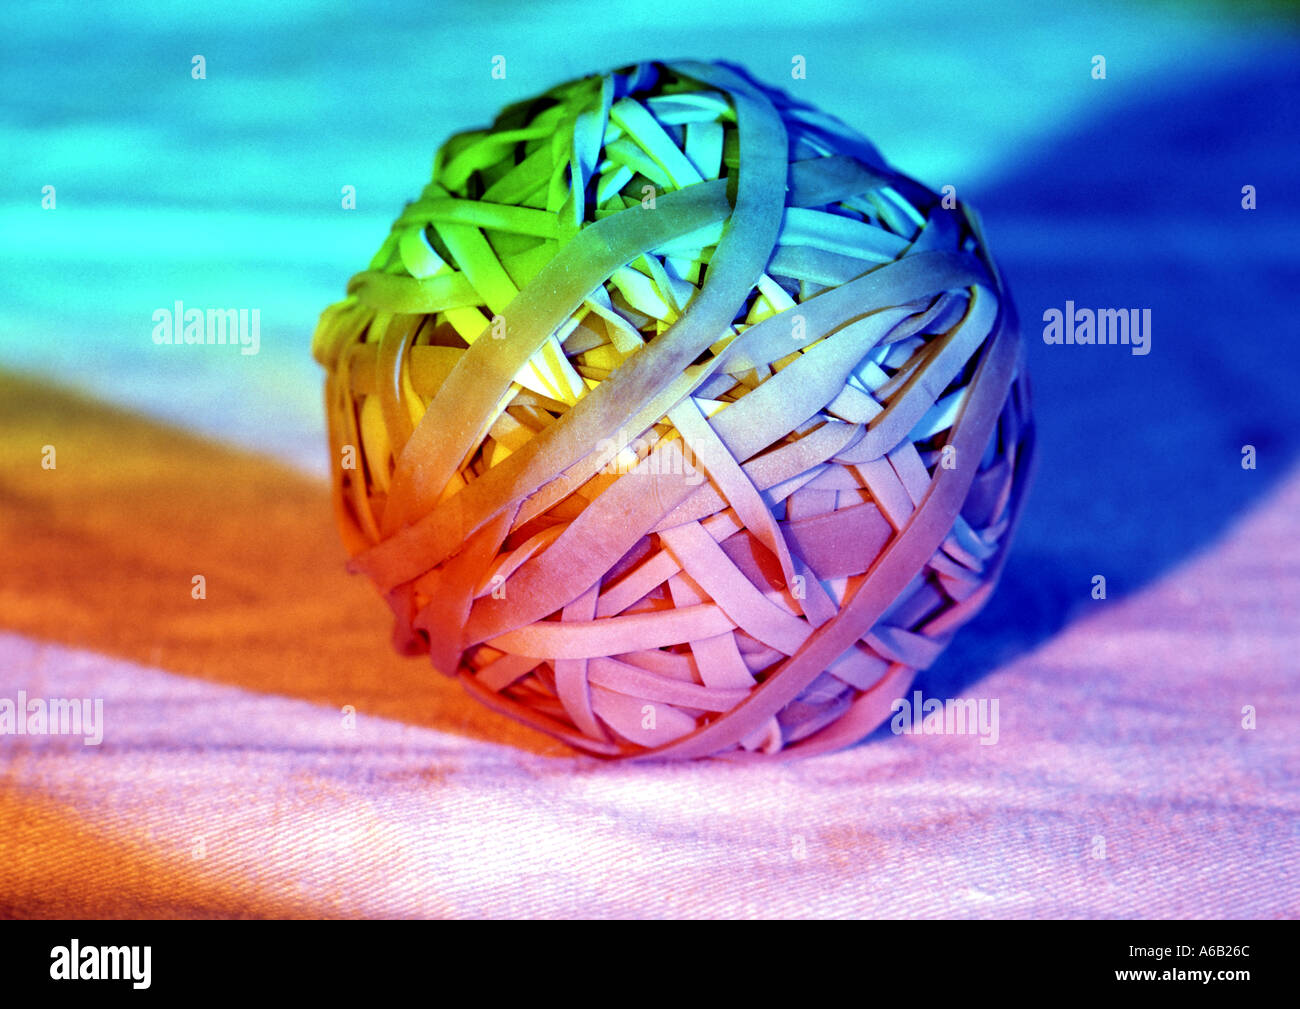 Impression photo de balle de bandes élastiques comme type de concept de droit par exemple regrouper relations de bureau s'étirer l'imagination etc Photo Stock